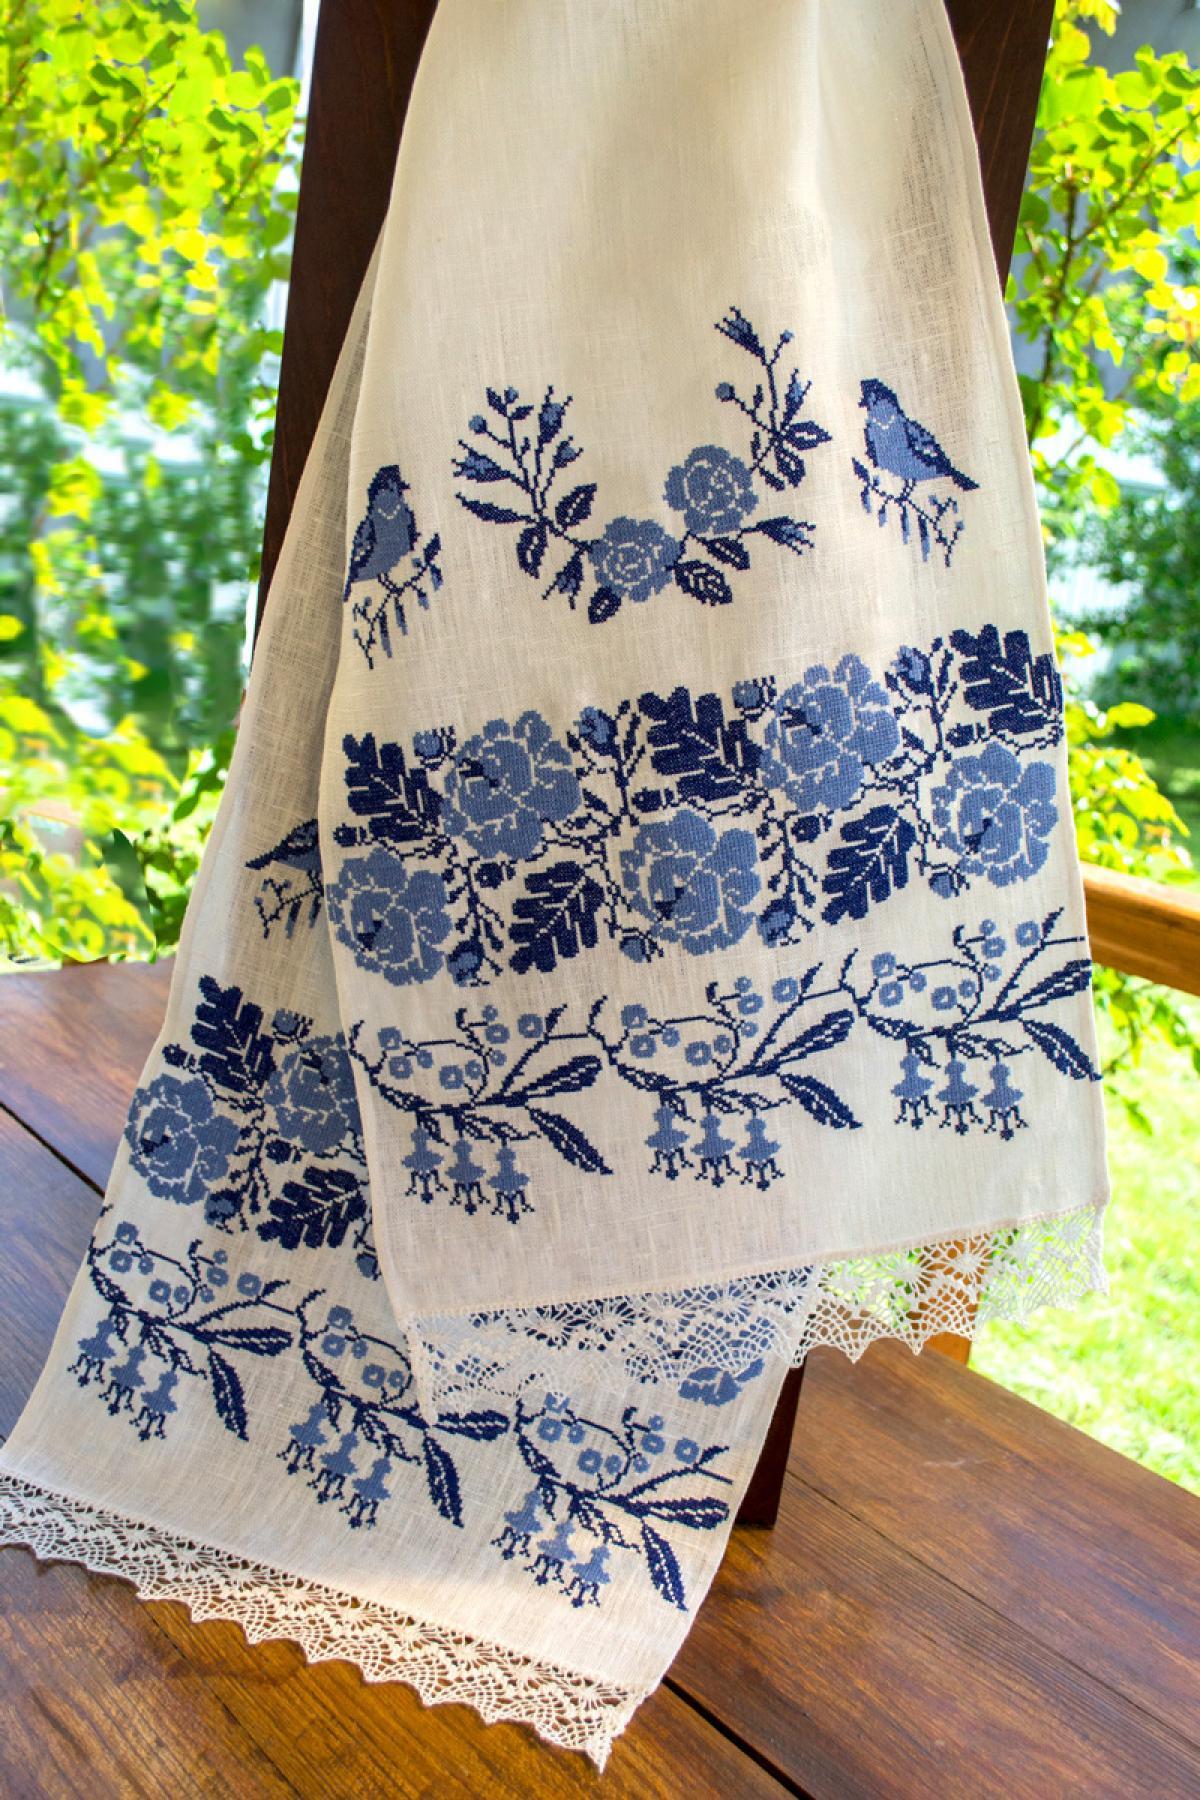 Рушник свадебный с птичками и цветами, вышитая голубыми нитками